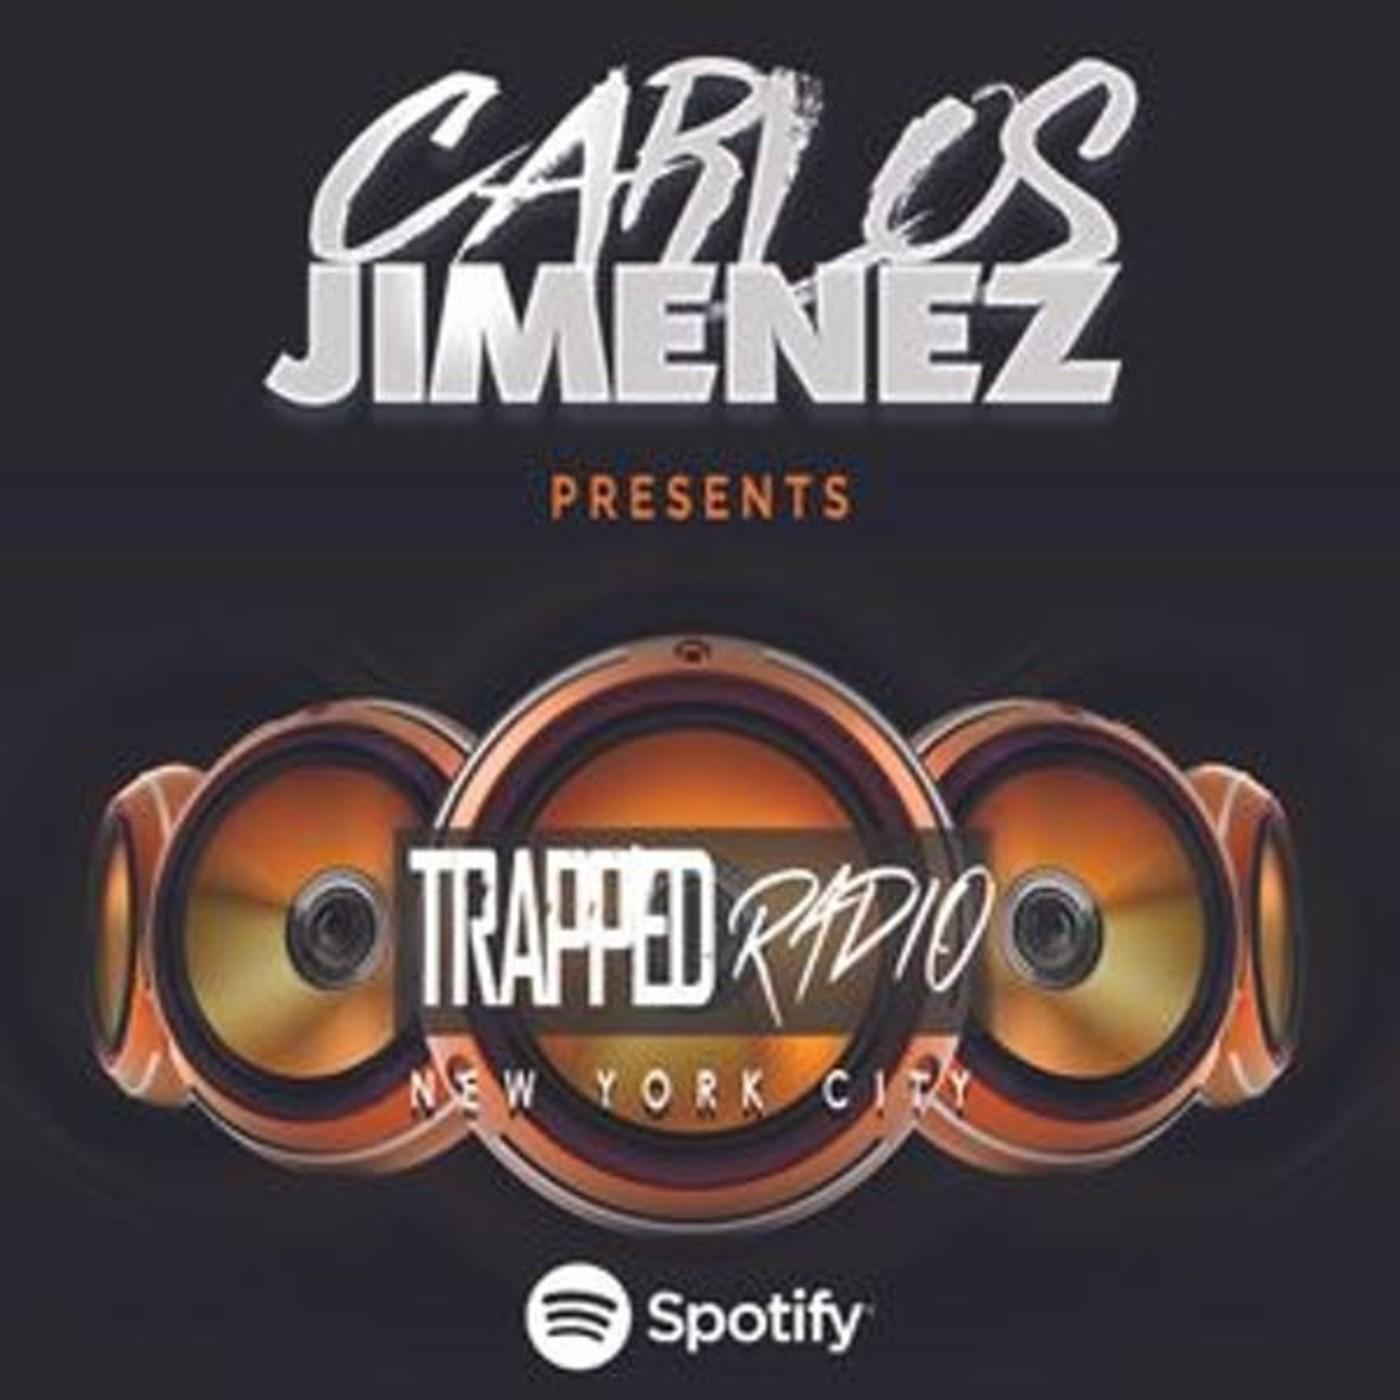 TRAPPED RADIO 038 @DJCarlosJimenezNYC